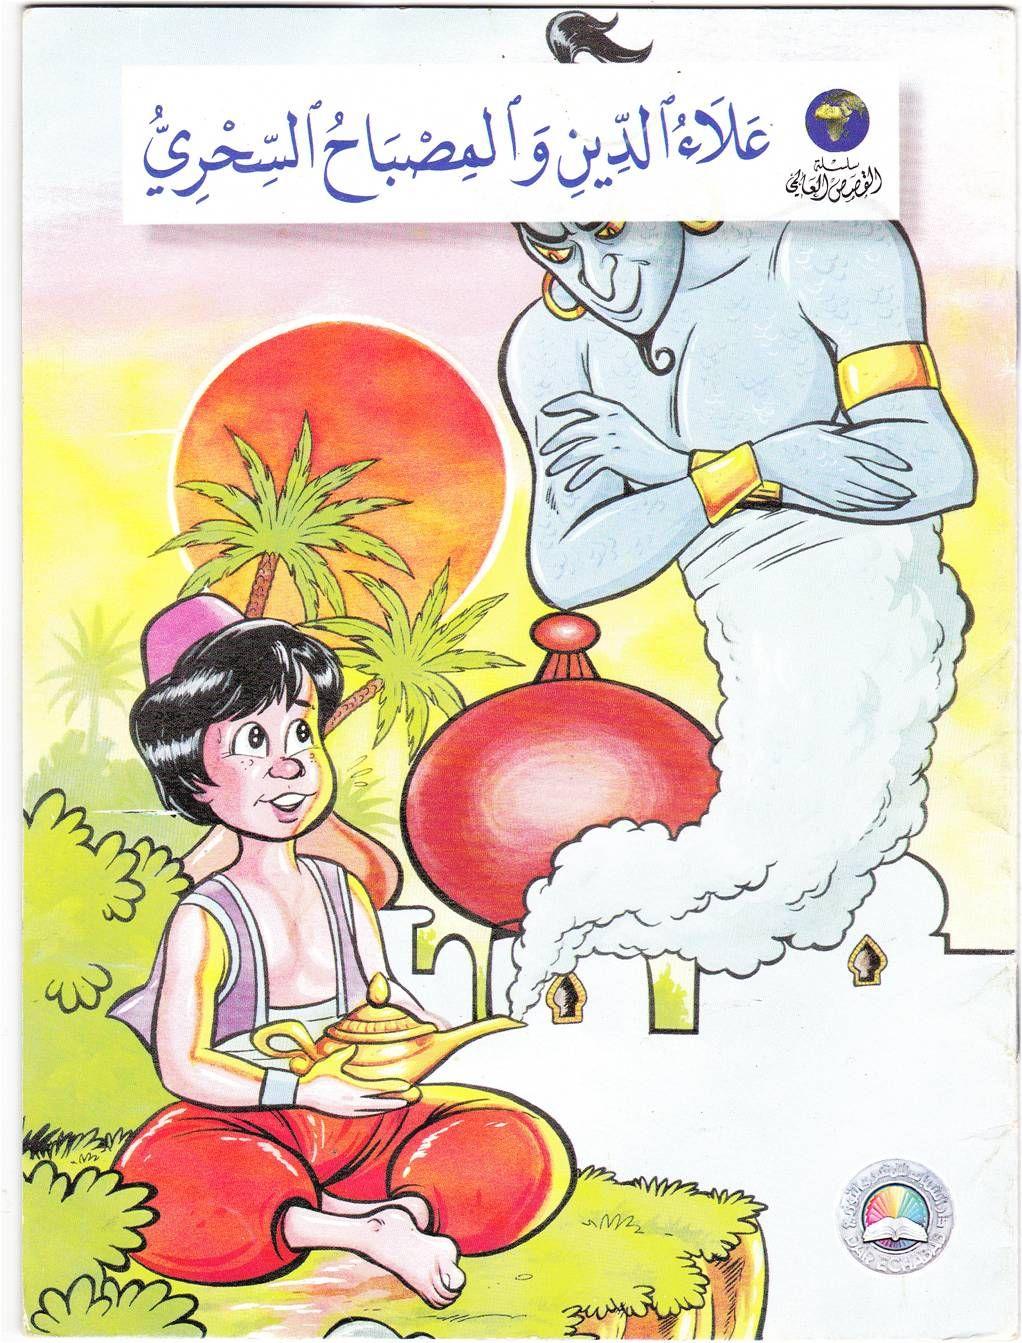 قصة علاء الدين و المصباح السحري Disney Animated Films Animation Film Pdf Books Reading